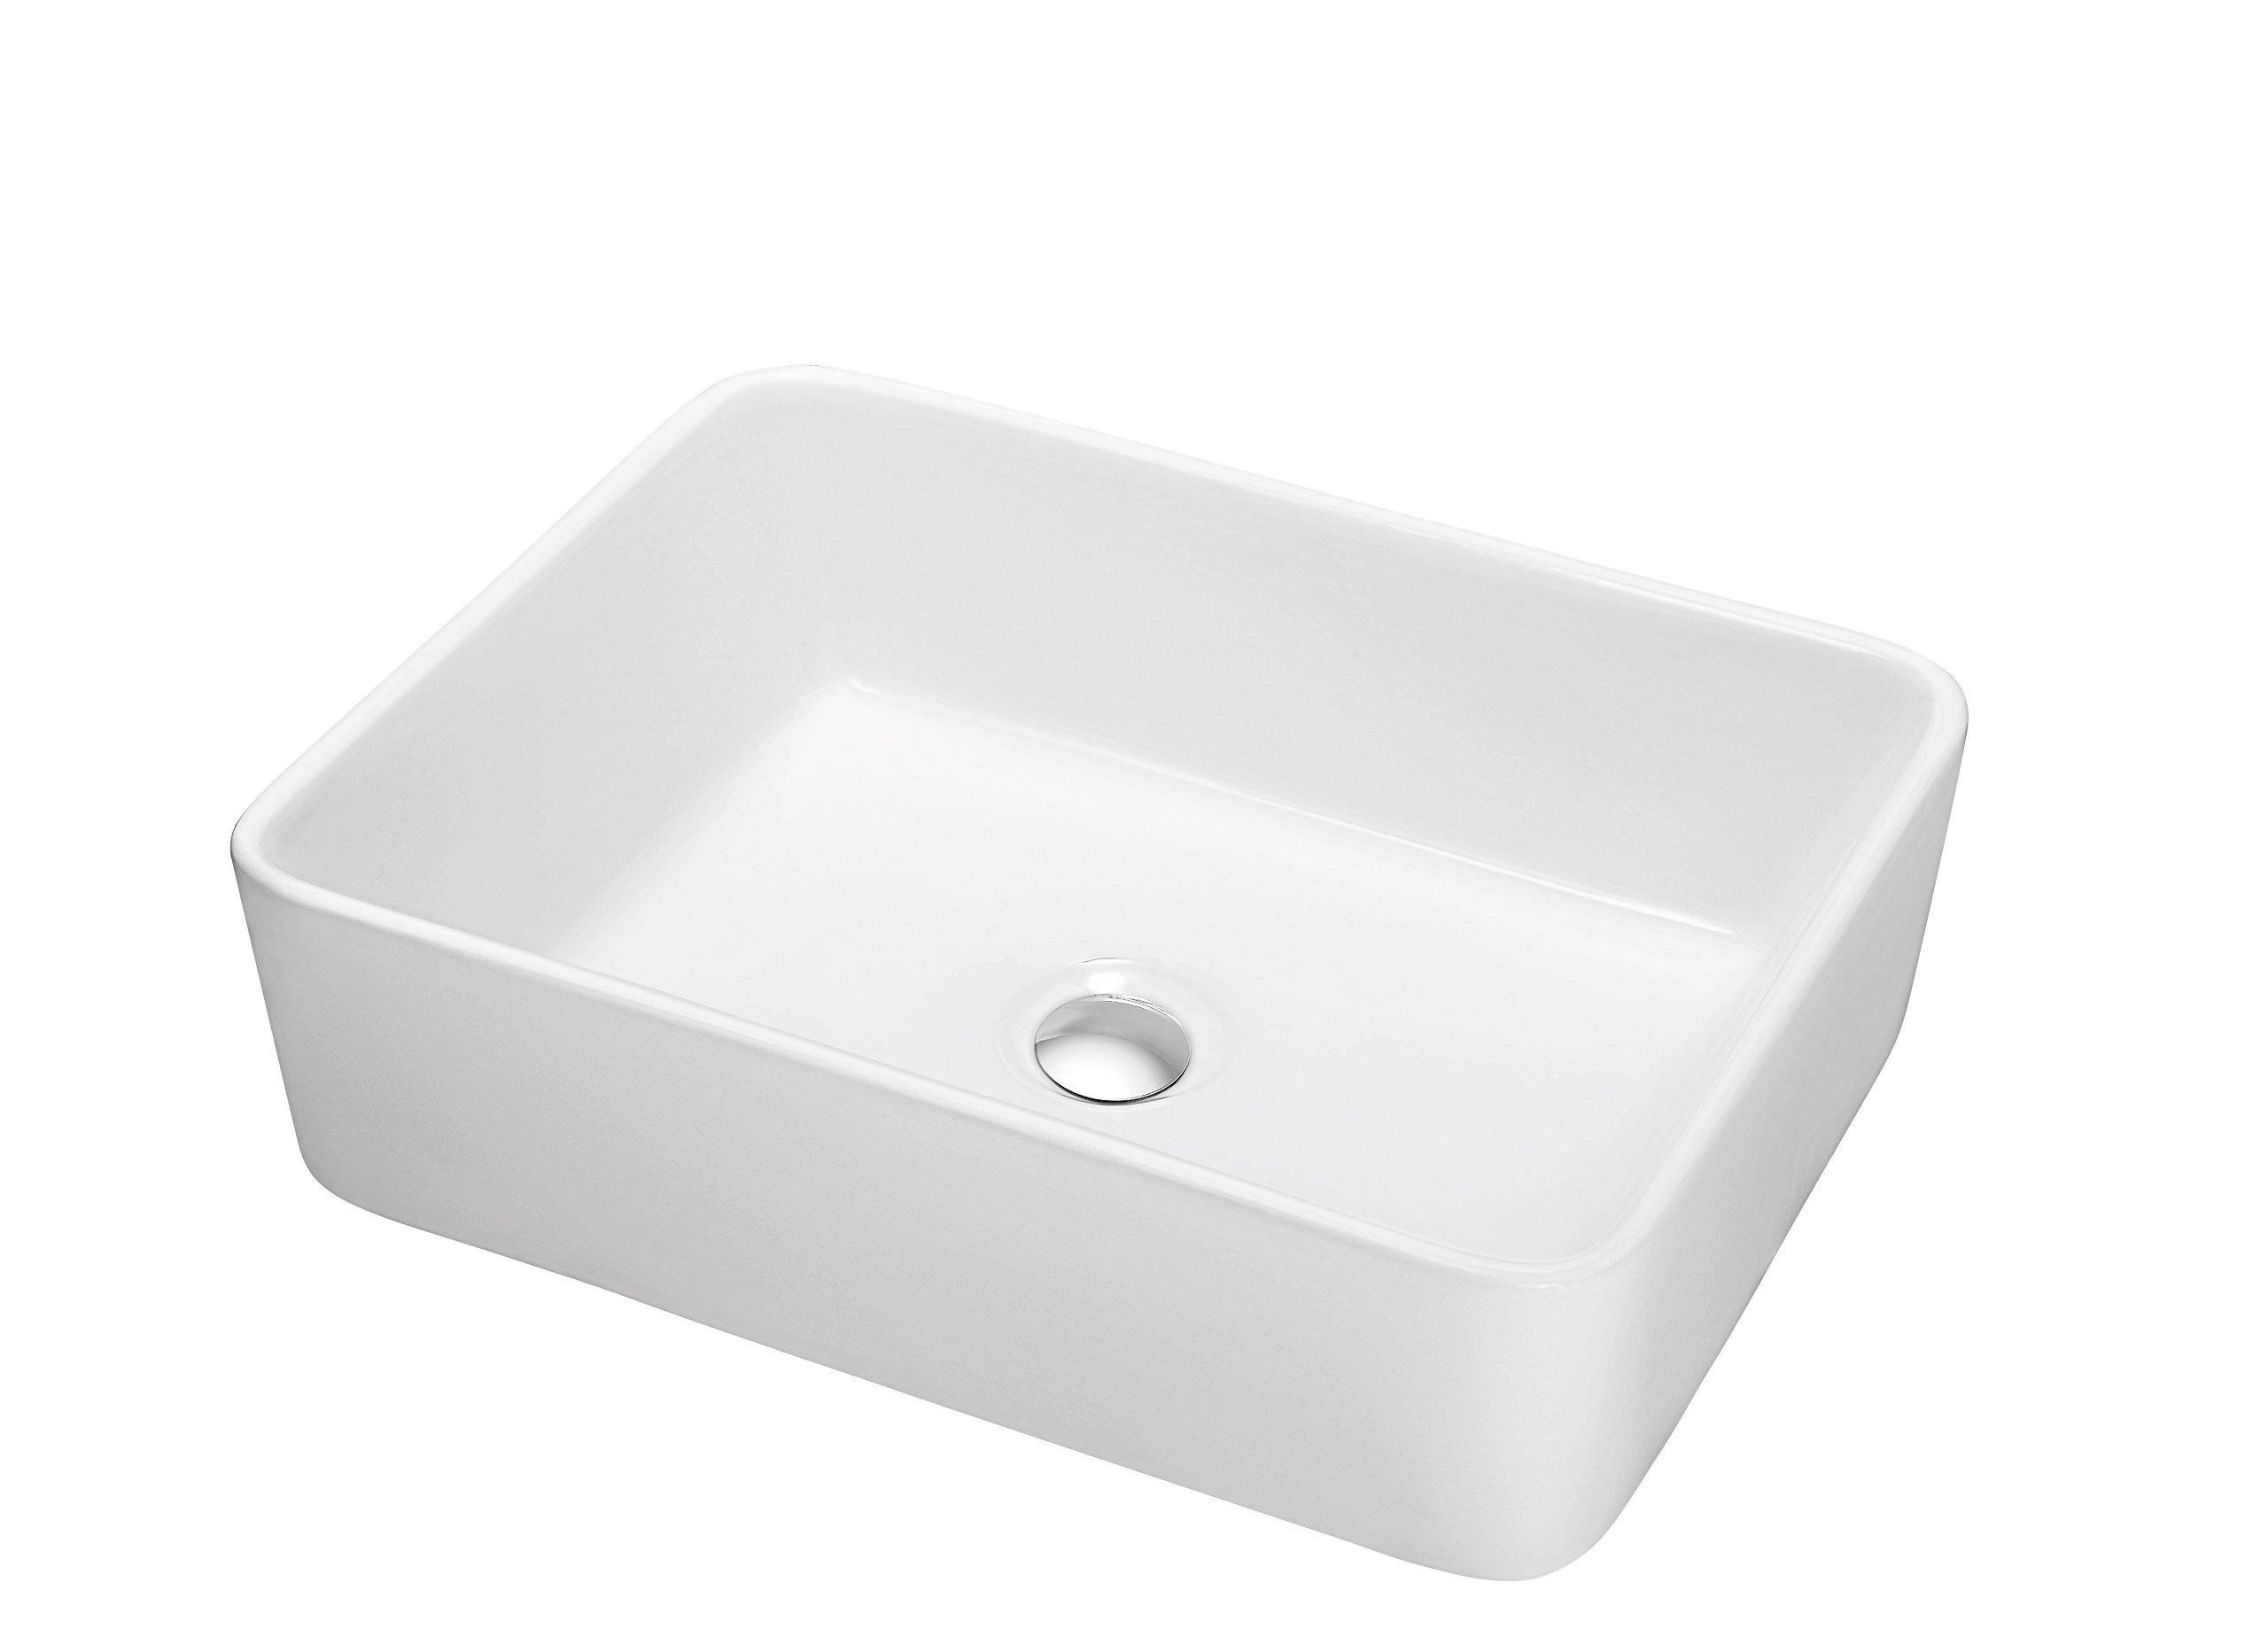 Contemporary Vessel Above-Counter Rectangle Ceramic Art Basin, White